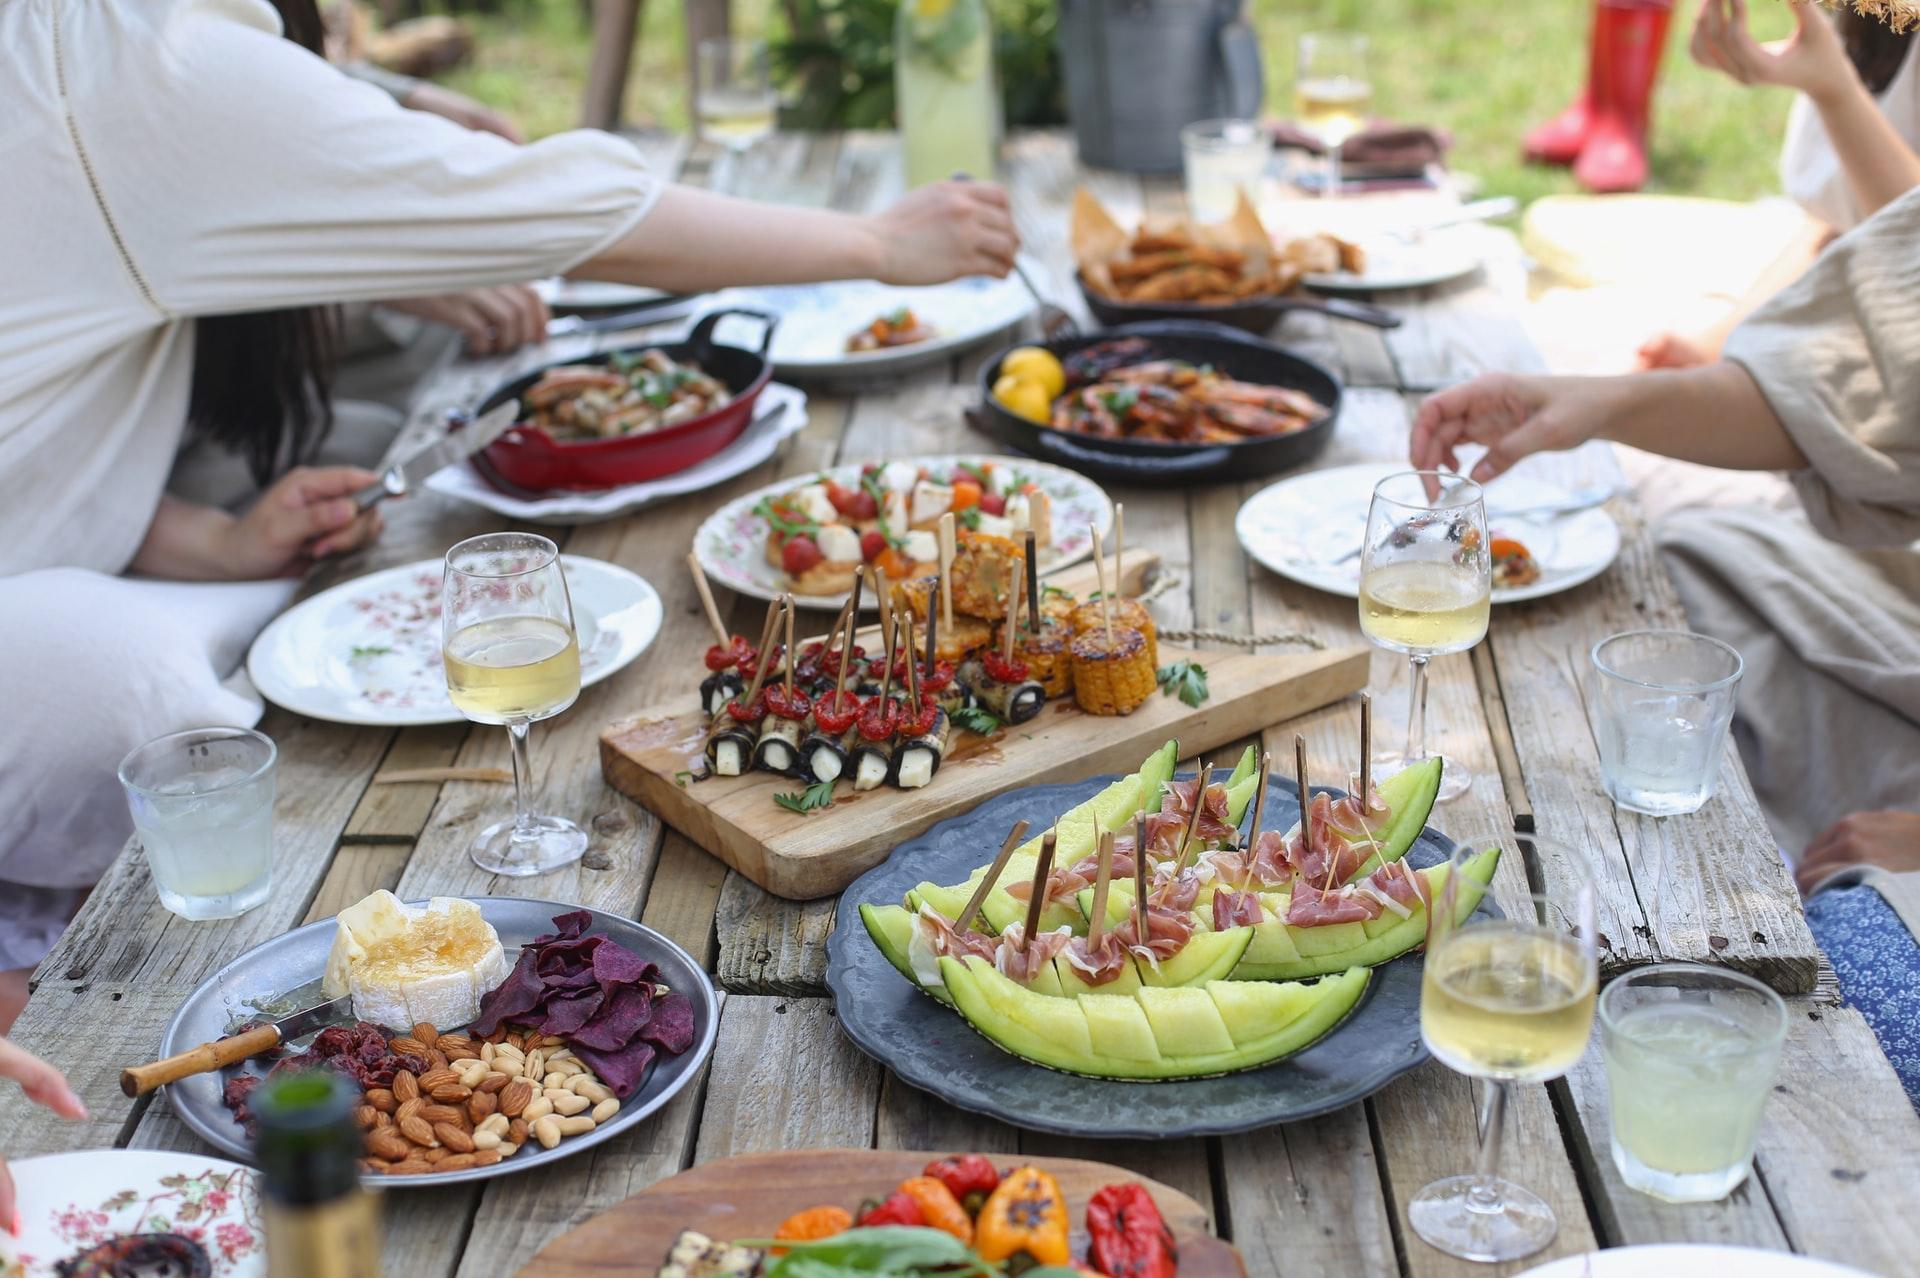 Best Outdoor Restaurants In West London